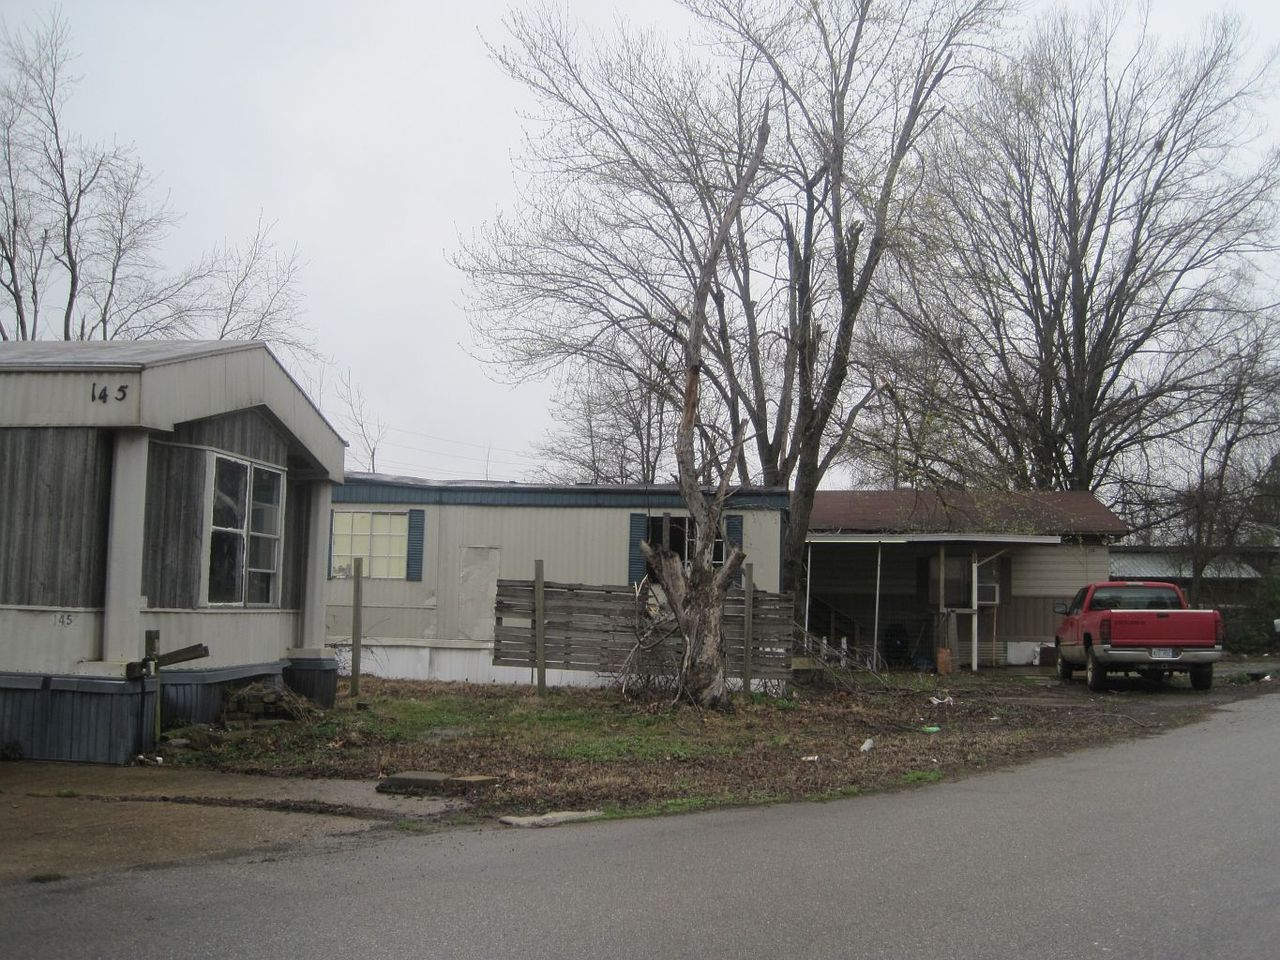 1280px-Lakeshore_trailer_park_West_Memphis_AR_2014-03-28_013.jpg